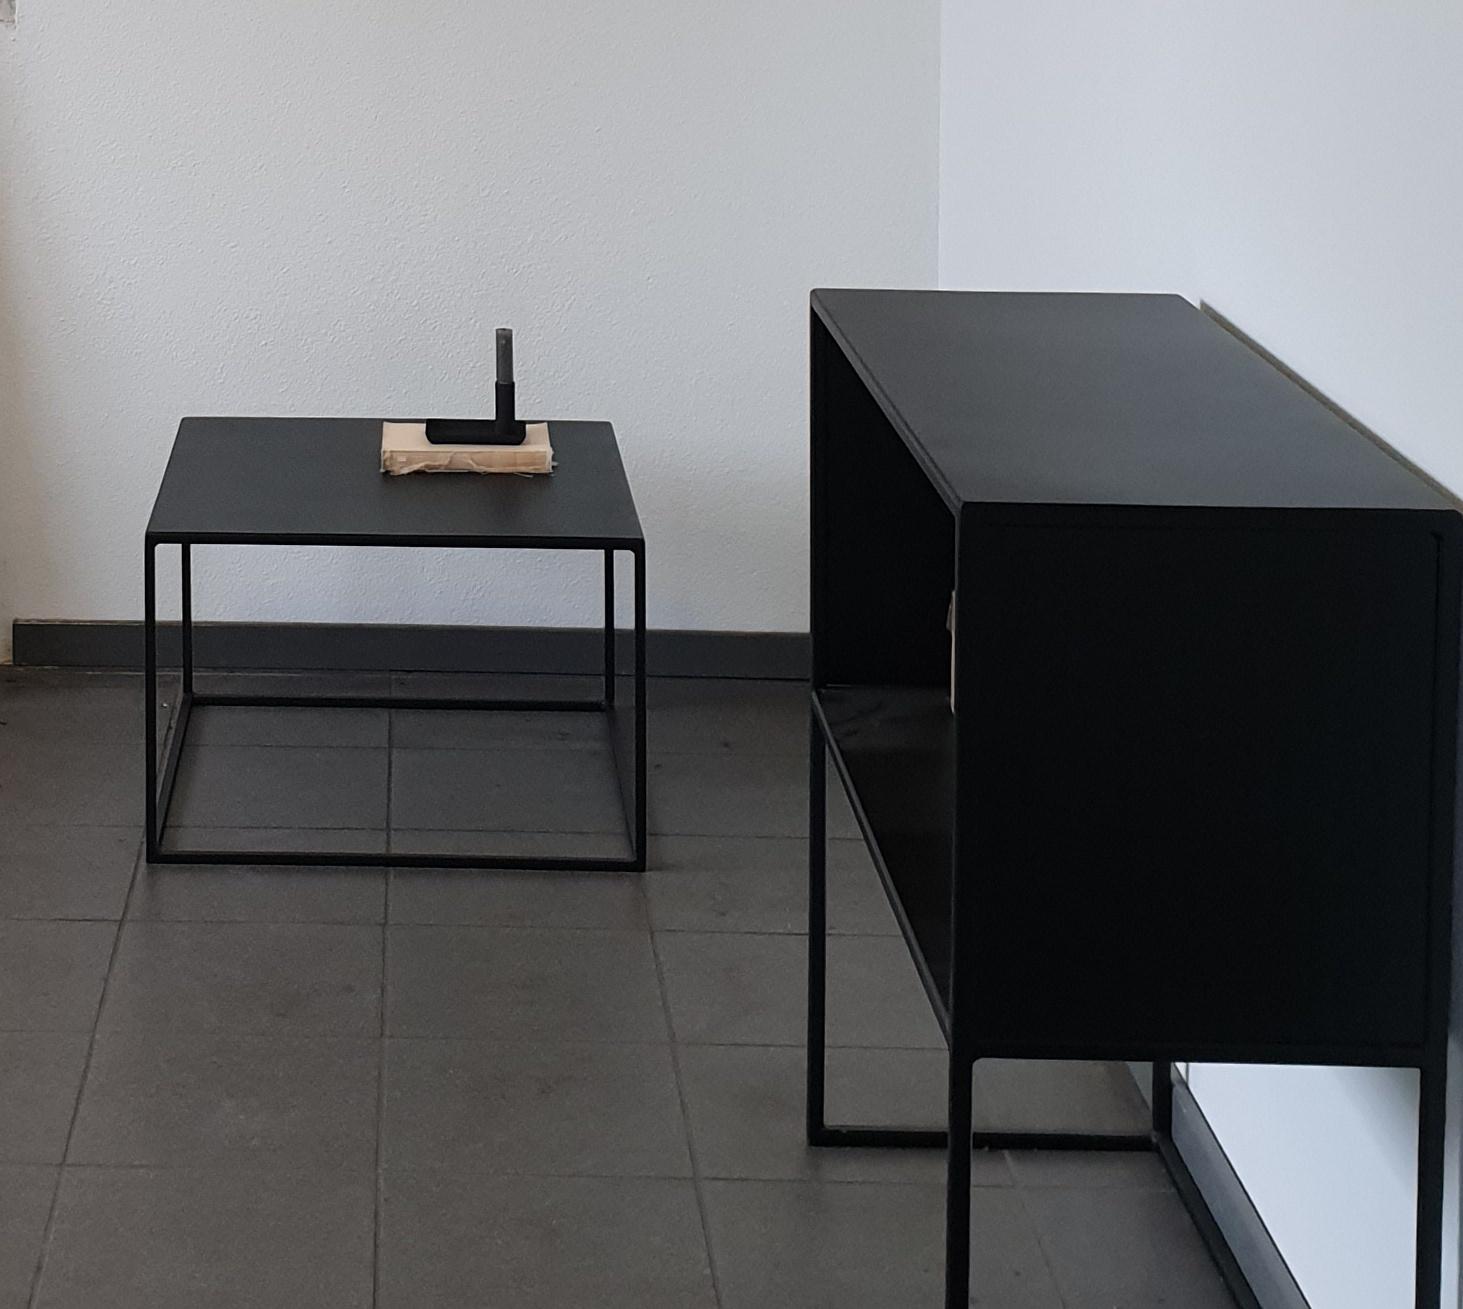 Stoer Metaal coffee table Stoer71